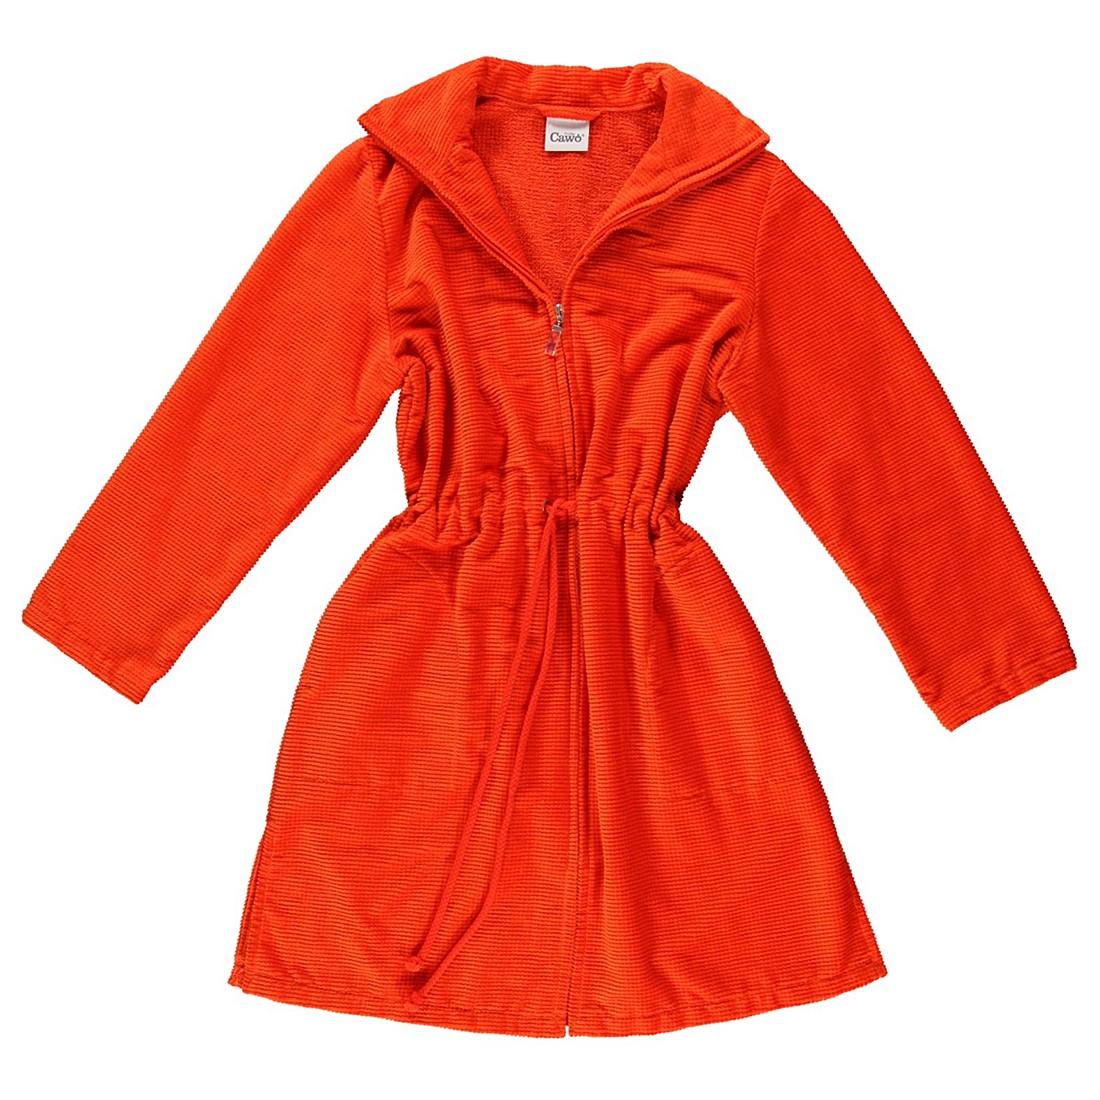 Bademantel 1308 – Damen – Velours – 100% Baumwolle Orange – 273 – Größe: XS, Cawö online bestellen